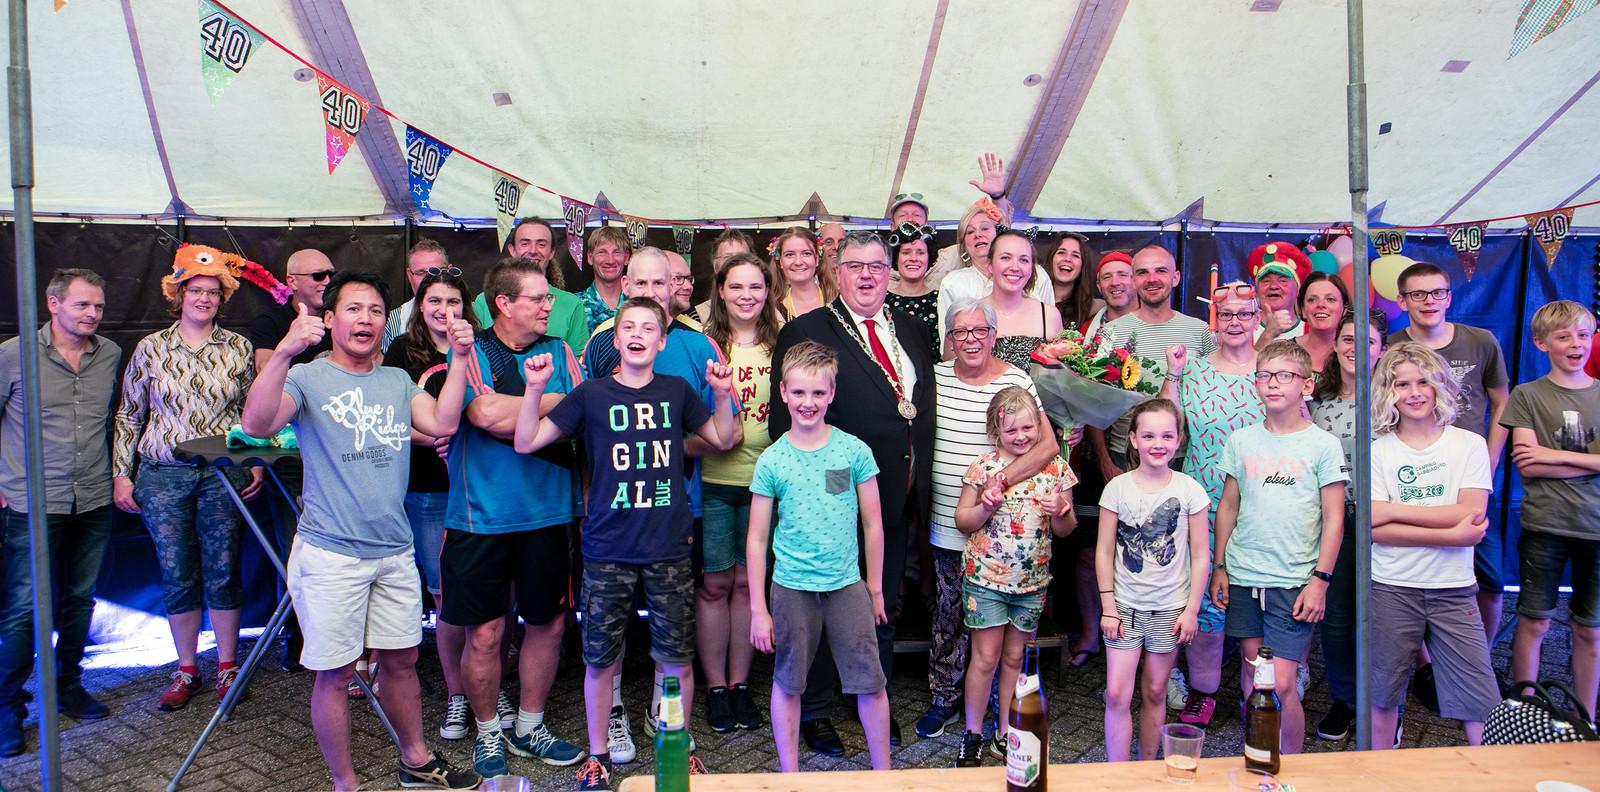 Ans Rikken (met bloemen) naast burgemeester Bruls en omringd door leden van 'haar' badmintonvereniging 't Pluumke-Lent.